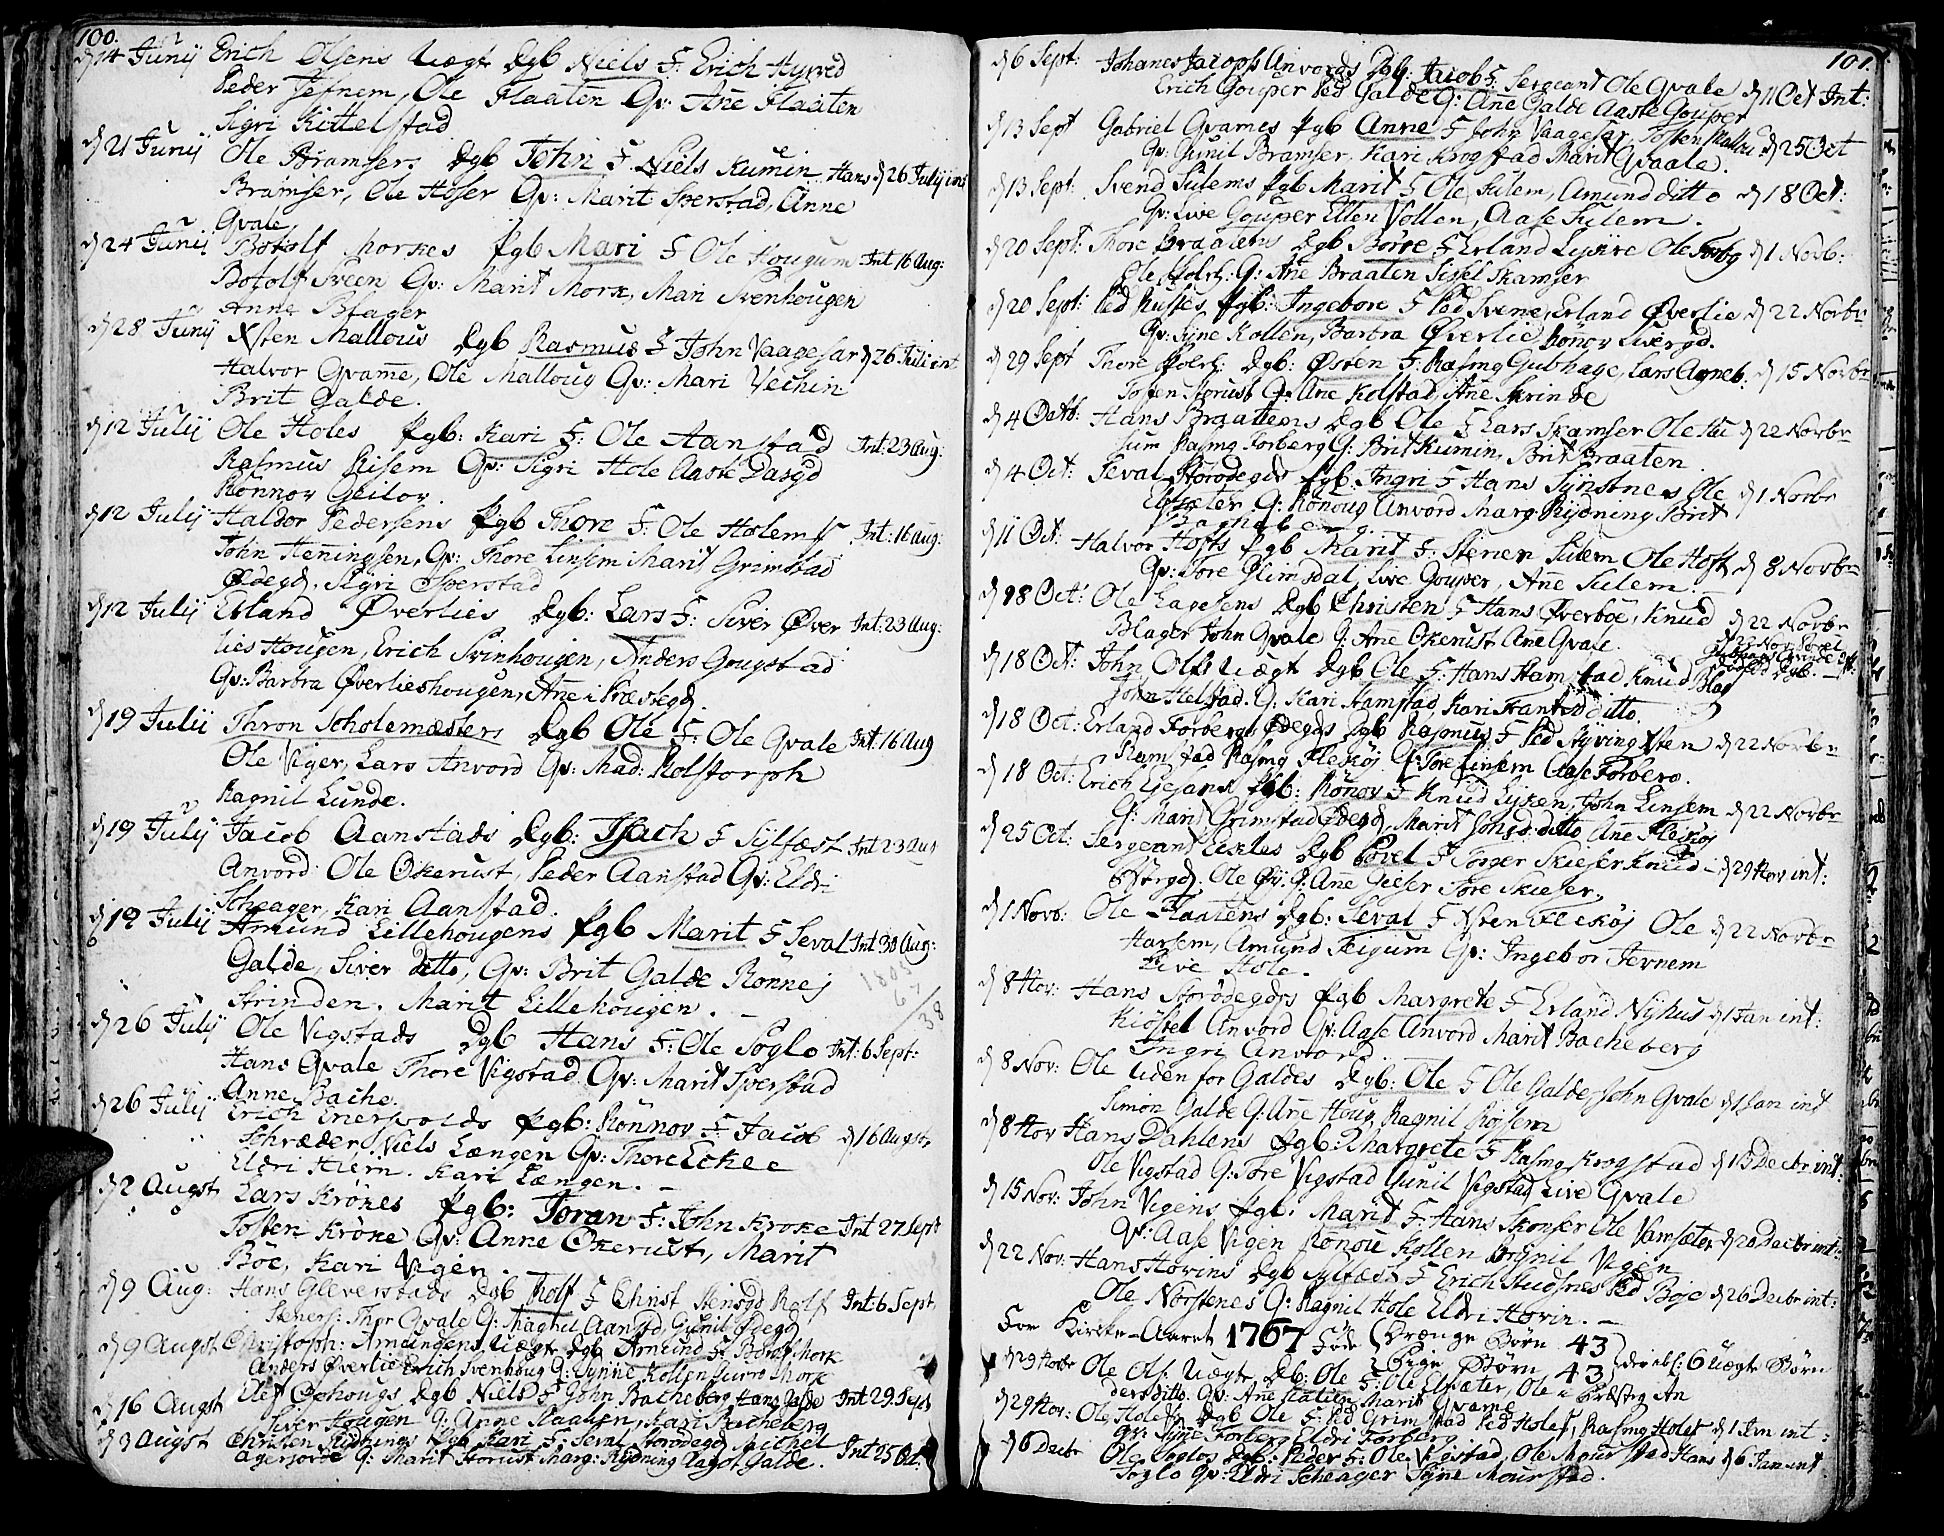 SAH, Lom prestekontor, K/L0002: Ministerialbok nr. 2, 1749-1801, s. 100-101